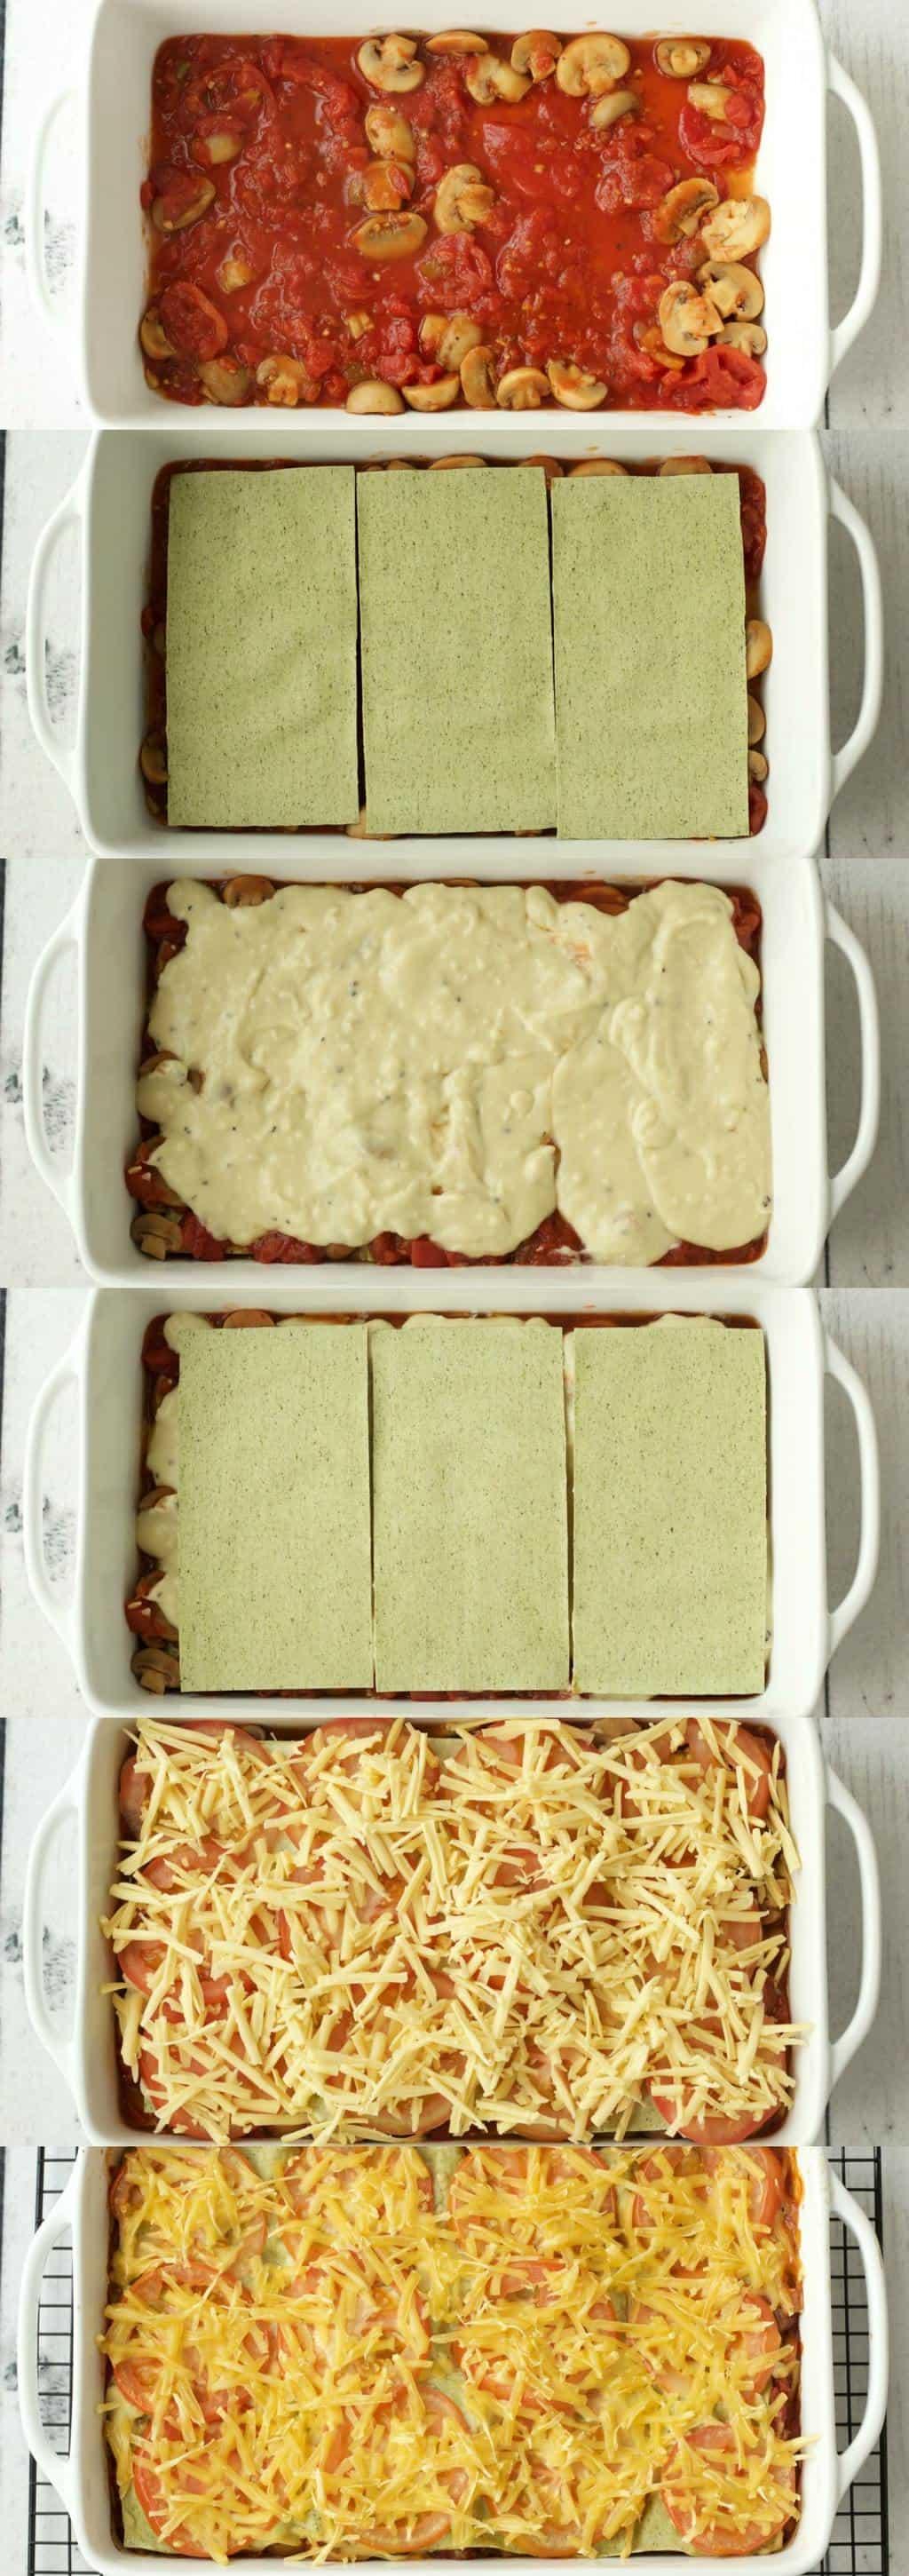 Making Vegan Lasagna #vegan #lovingitvegan #lasagna #entree